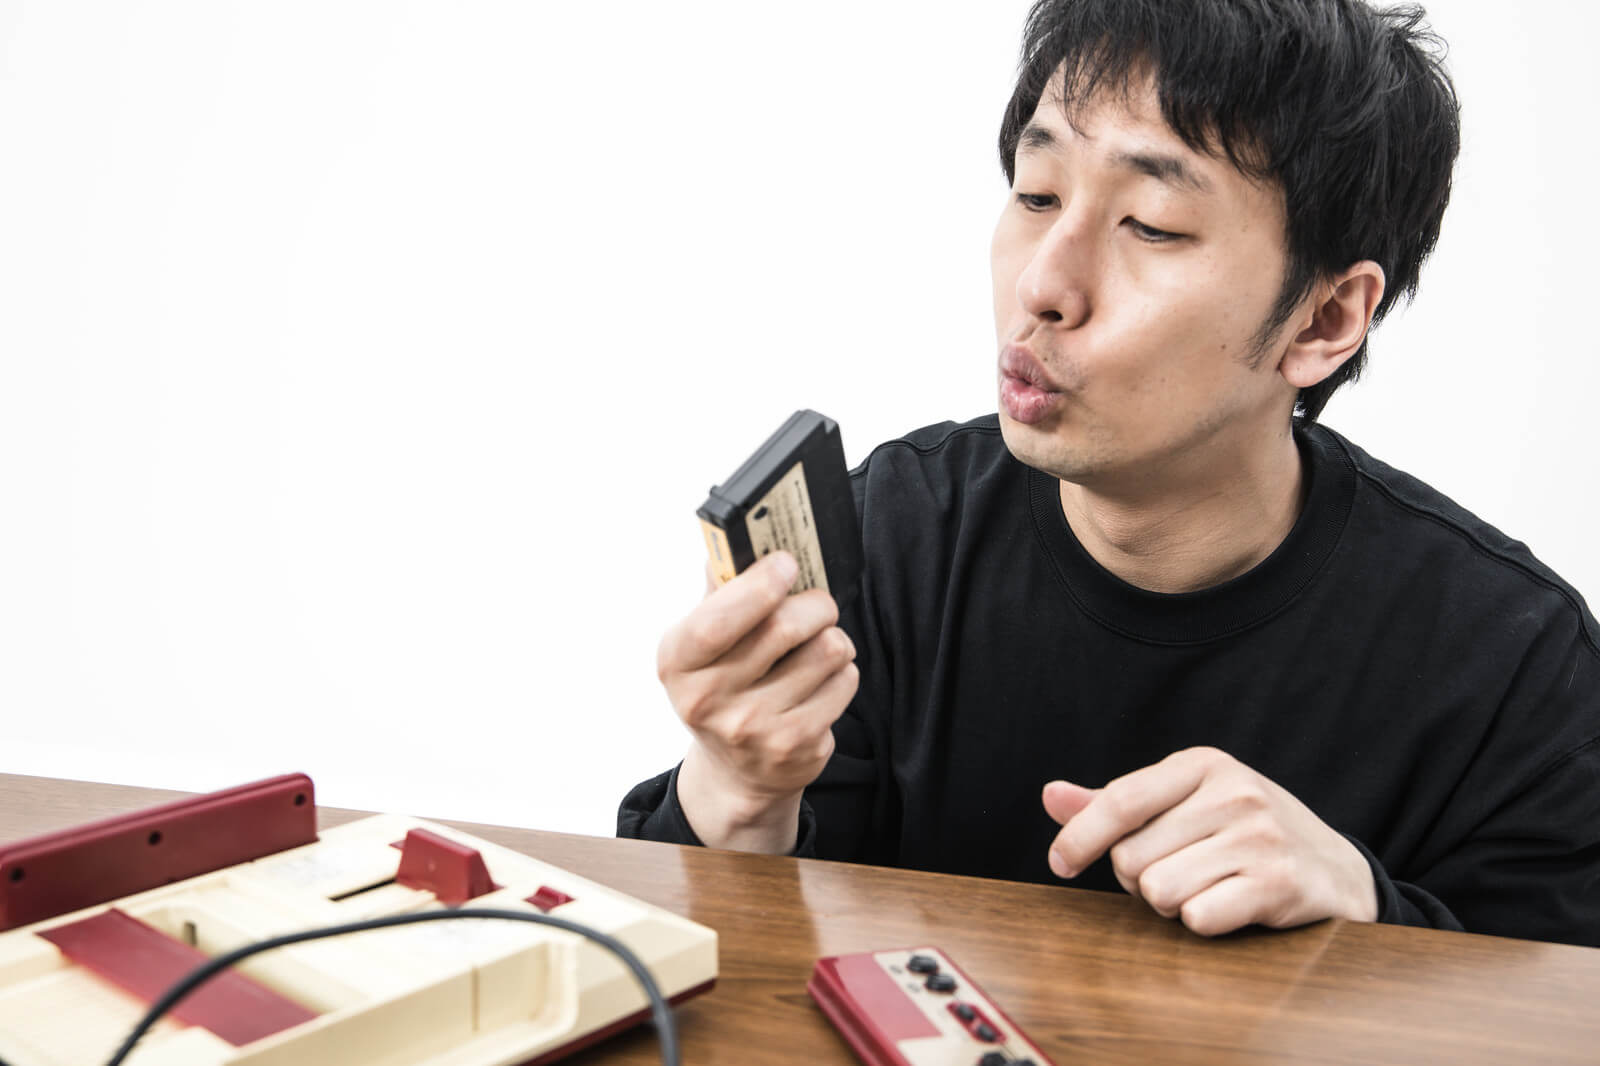 ファミコンのカセットをフーフーする男性